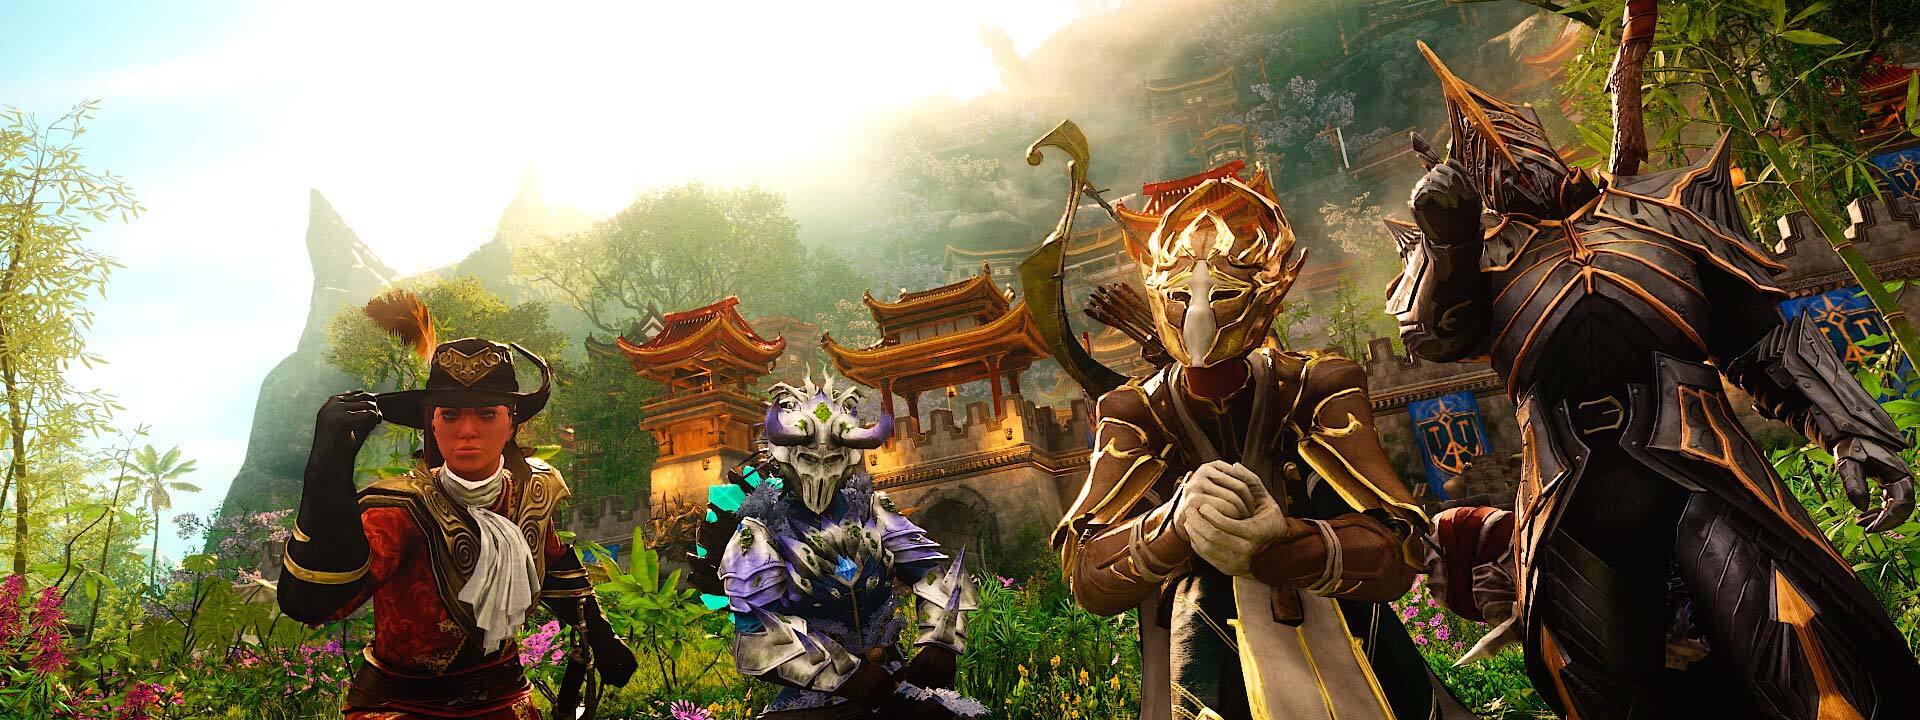 Ein Screenshot mehrerer Charaktere in verschiedenen prachtvollen Rüstungssets.